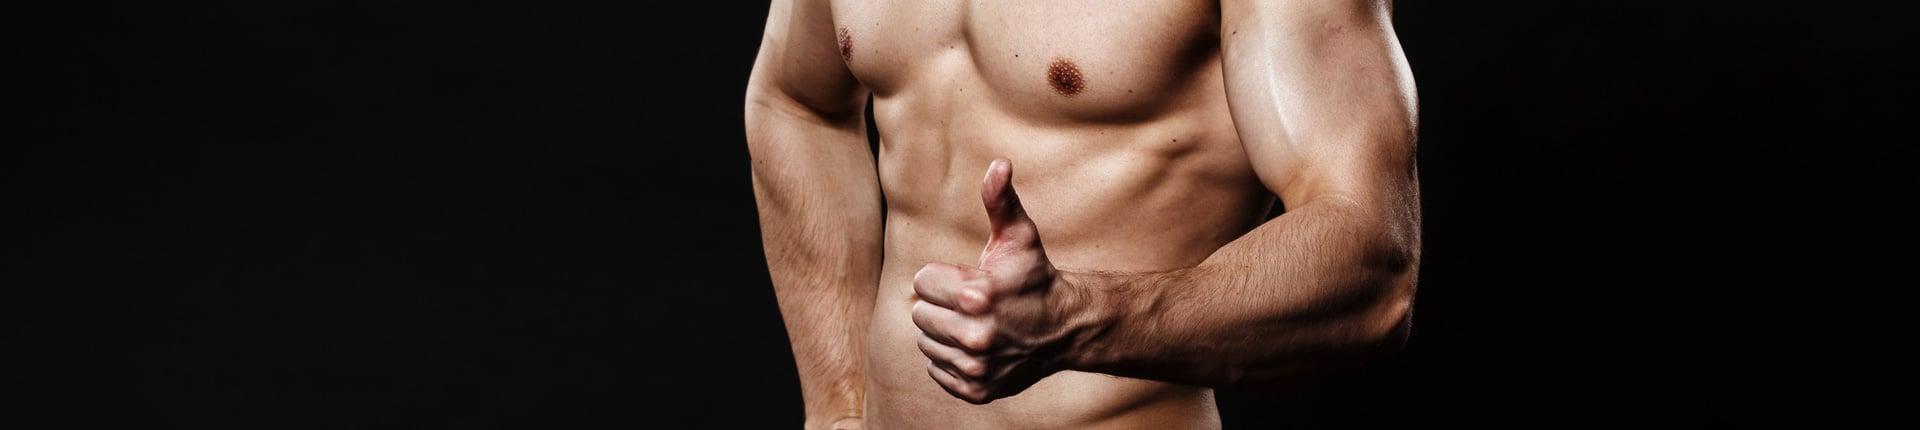 Liść Damiana - skuteczny booster testosteronu